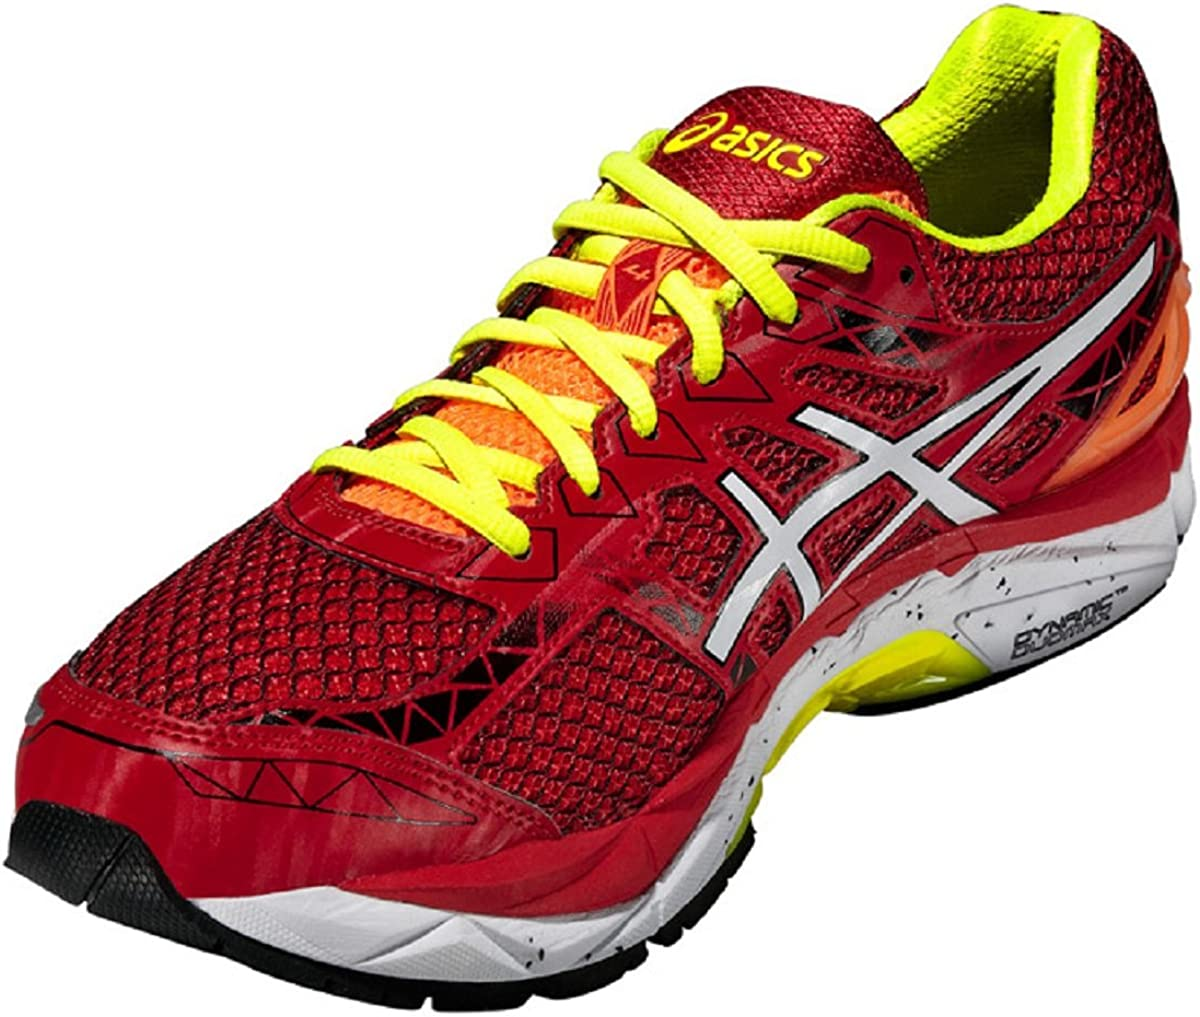 Asics GT-3000 4 Zapatillas para Correr - 40.5: Amazon.es: Zapatos y complementos